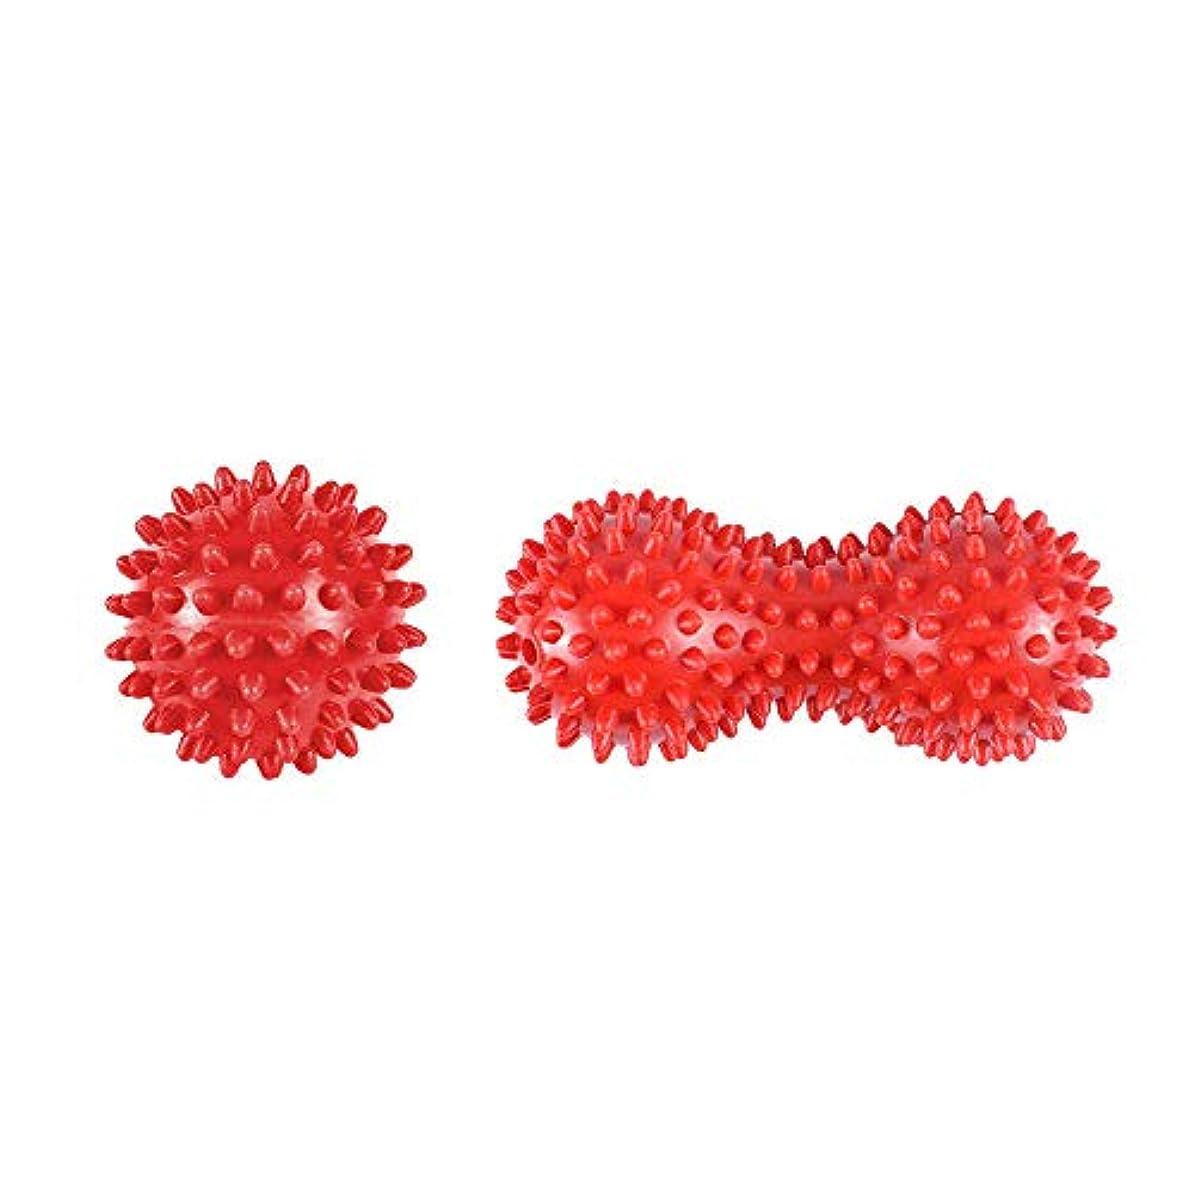 半島作曲するガイドヨガボール ツボ押しグッズ ツボマッサージ ツインボール マッサージボール ストレッチ ピーナッツ型 筋膜